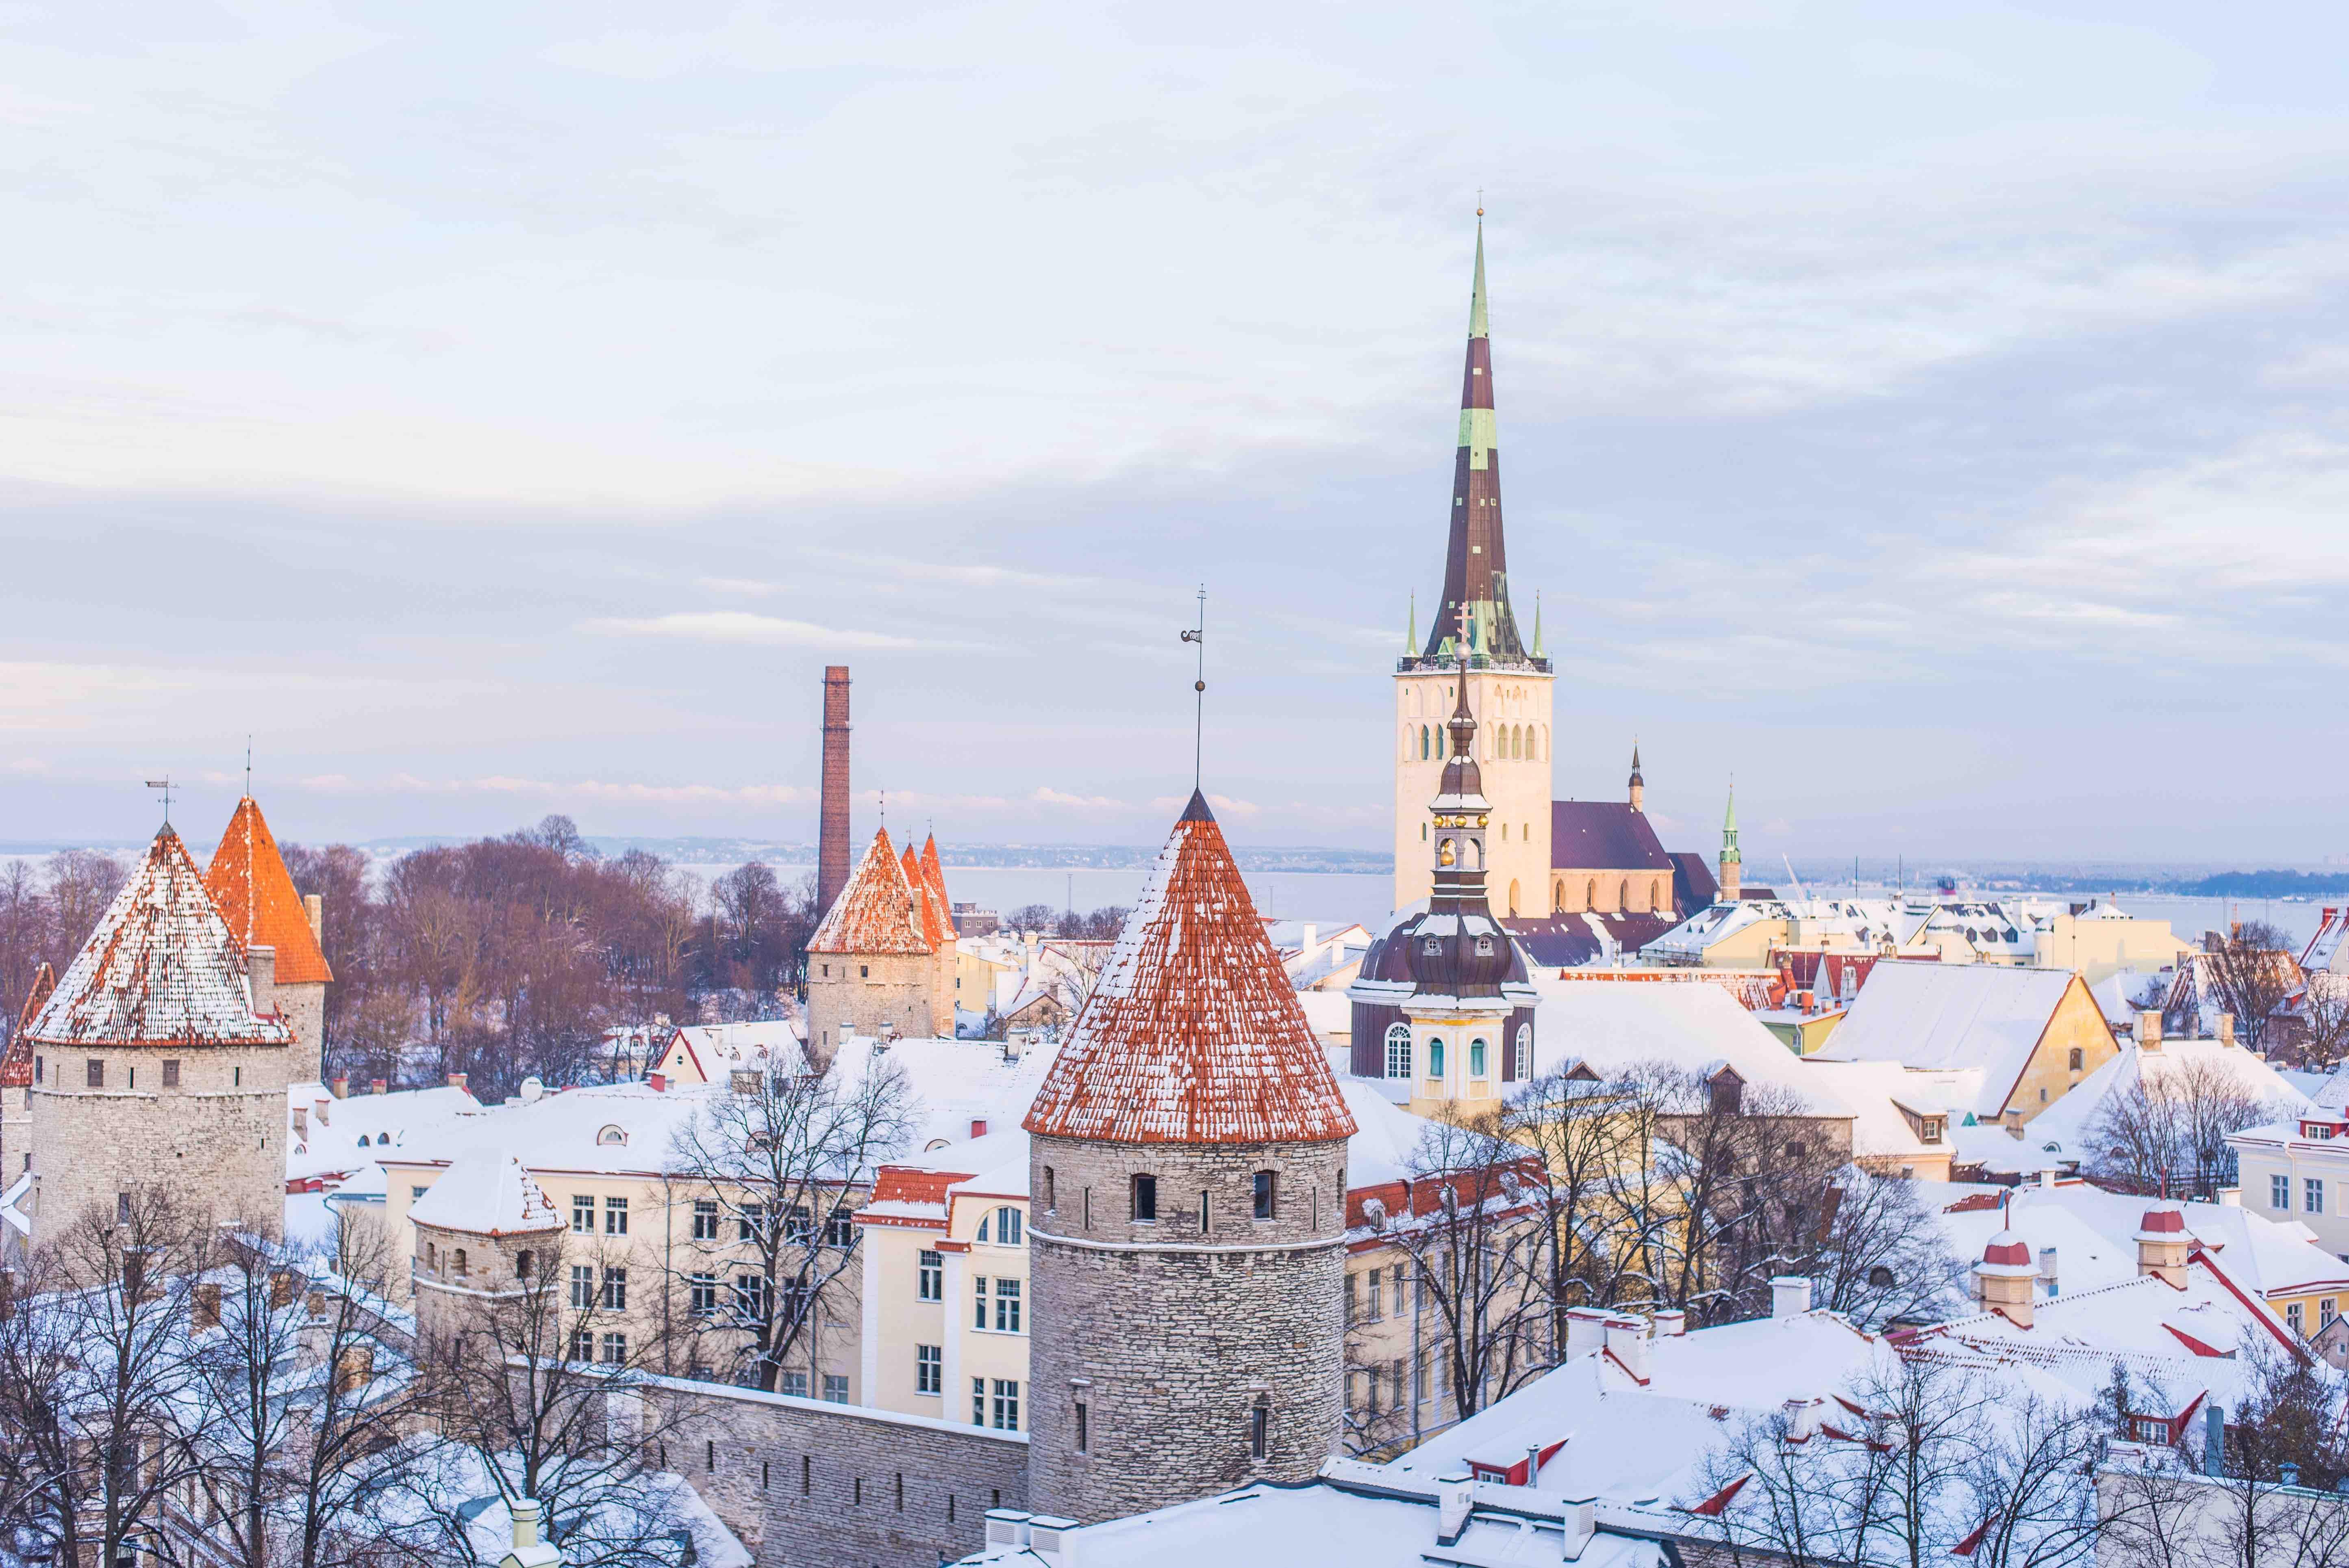 Eine winterlich verschneite Stadt. Unser Winterdienst erledigt den Rest.